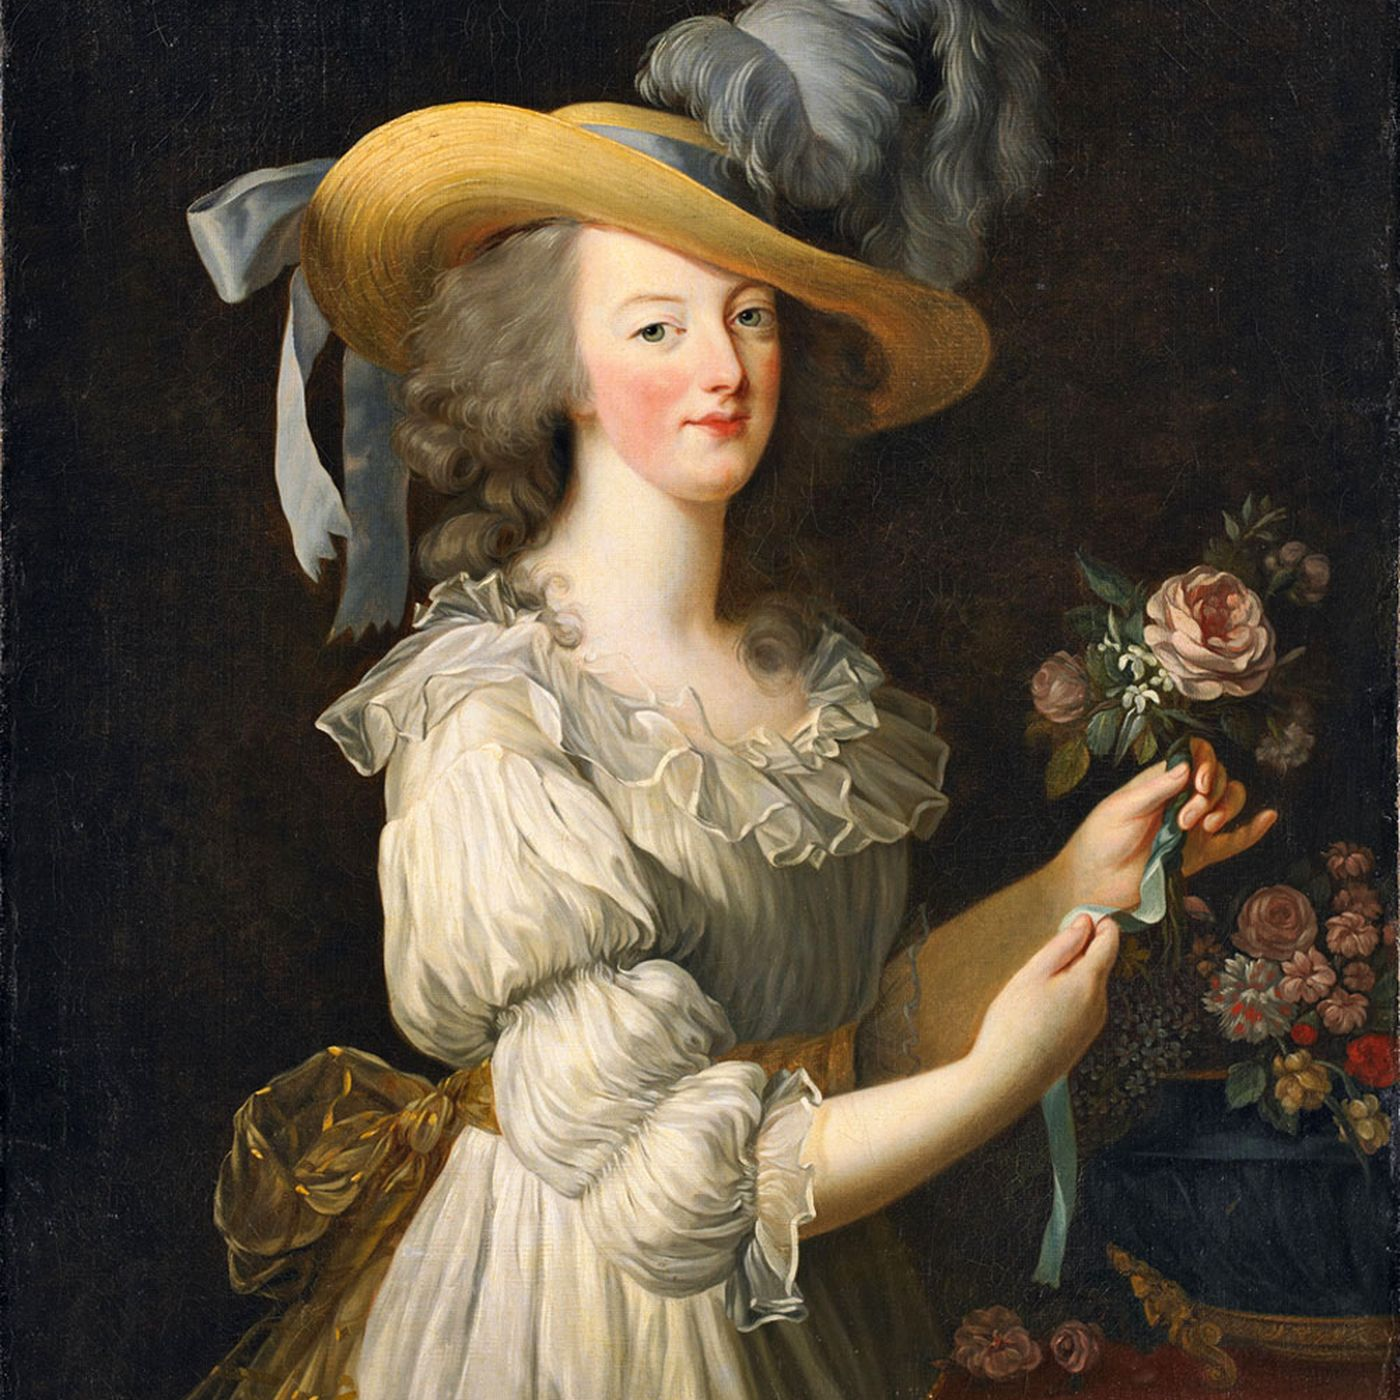 """Résultat de recherche d'images pour """"Marie-Antoinette par Heinrich Lossow"""""""